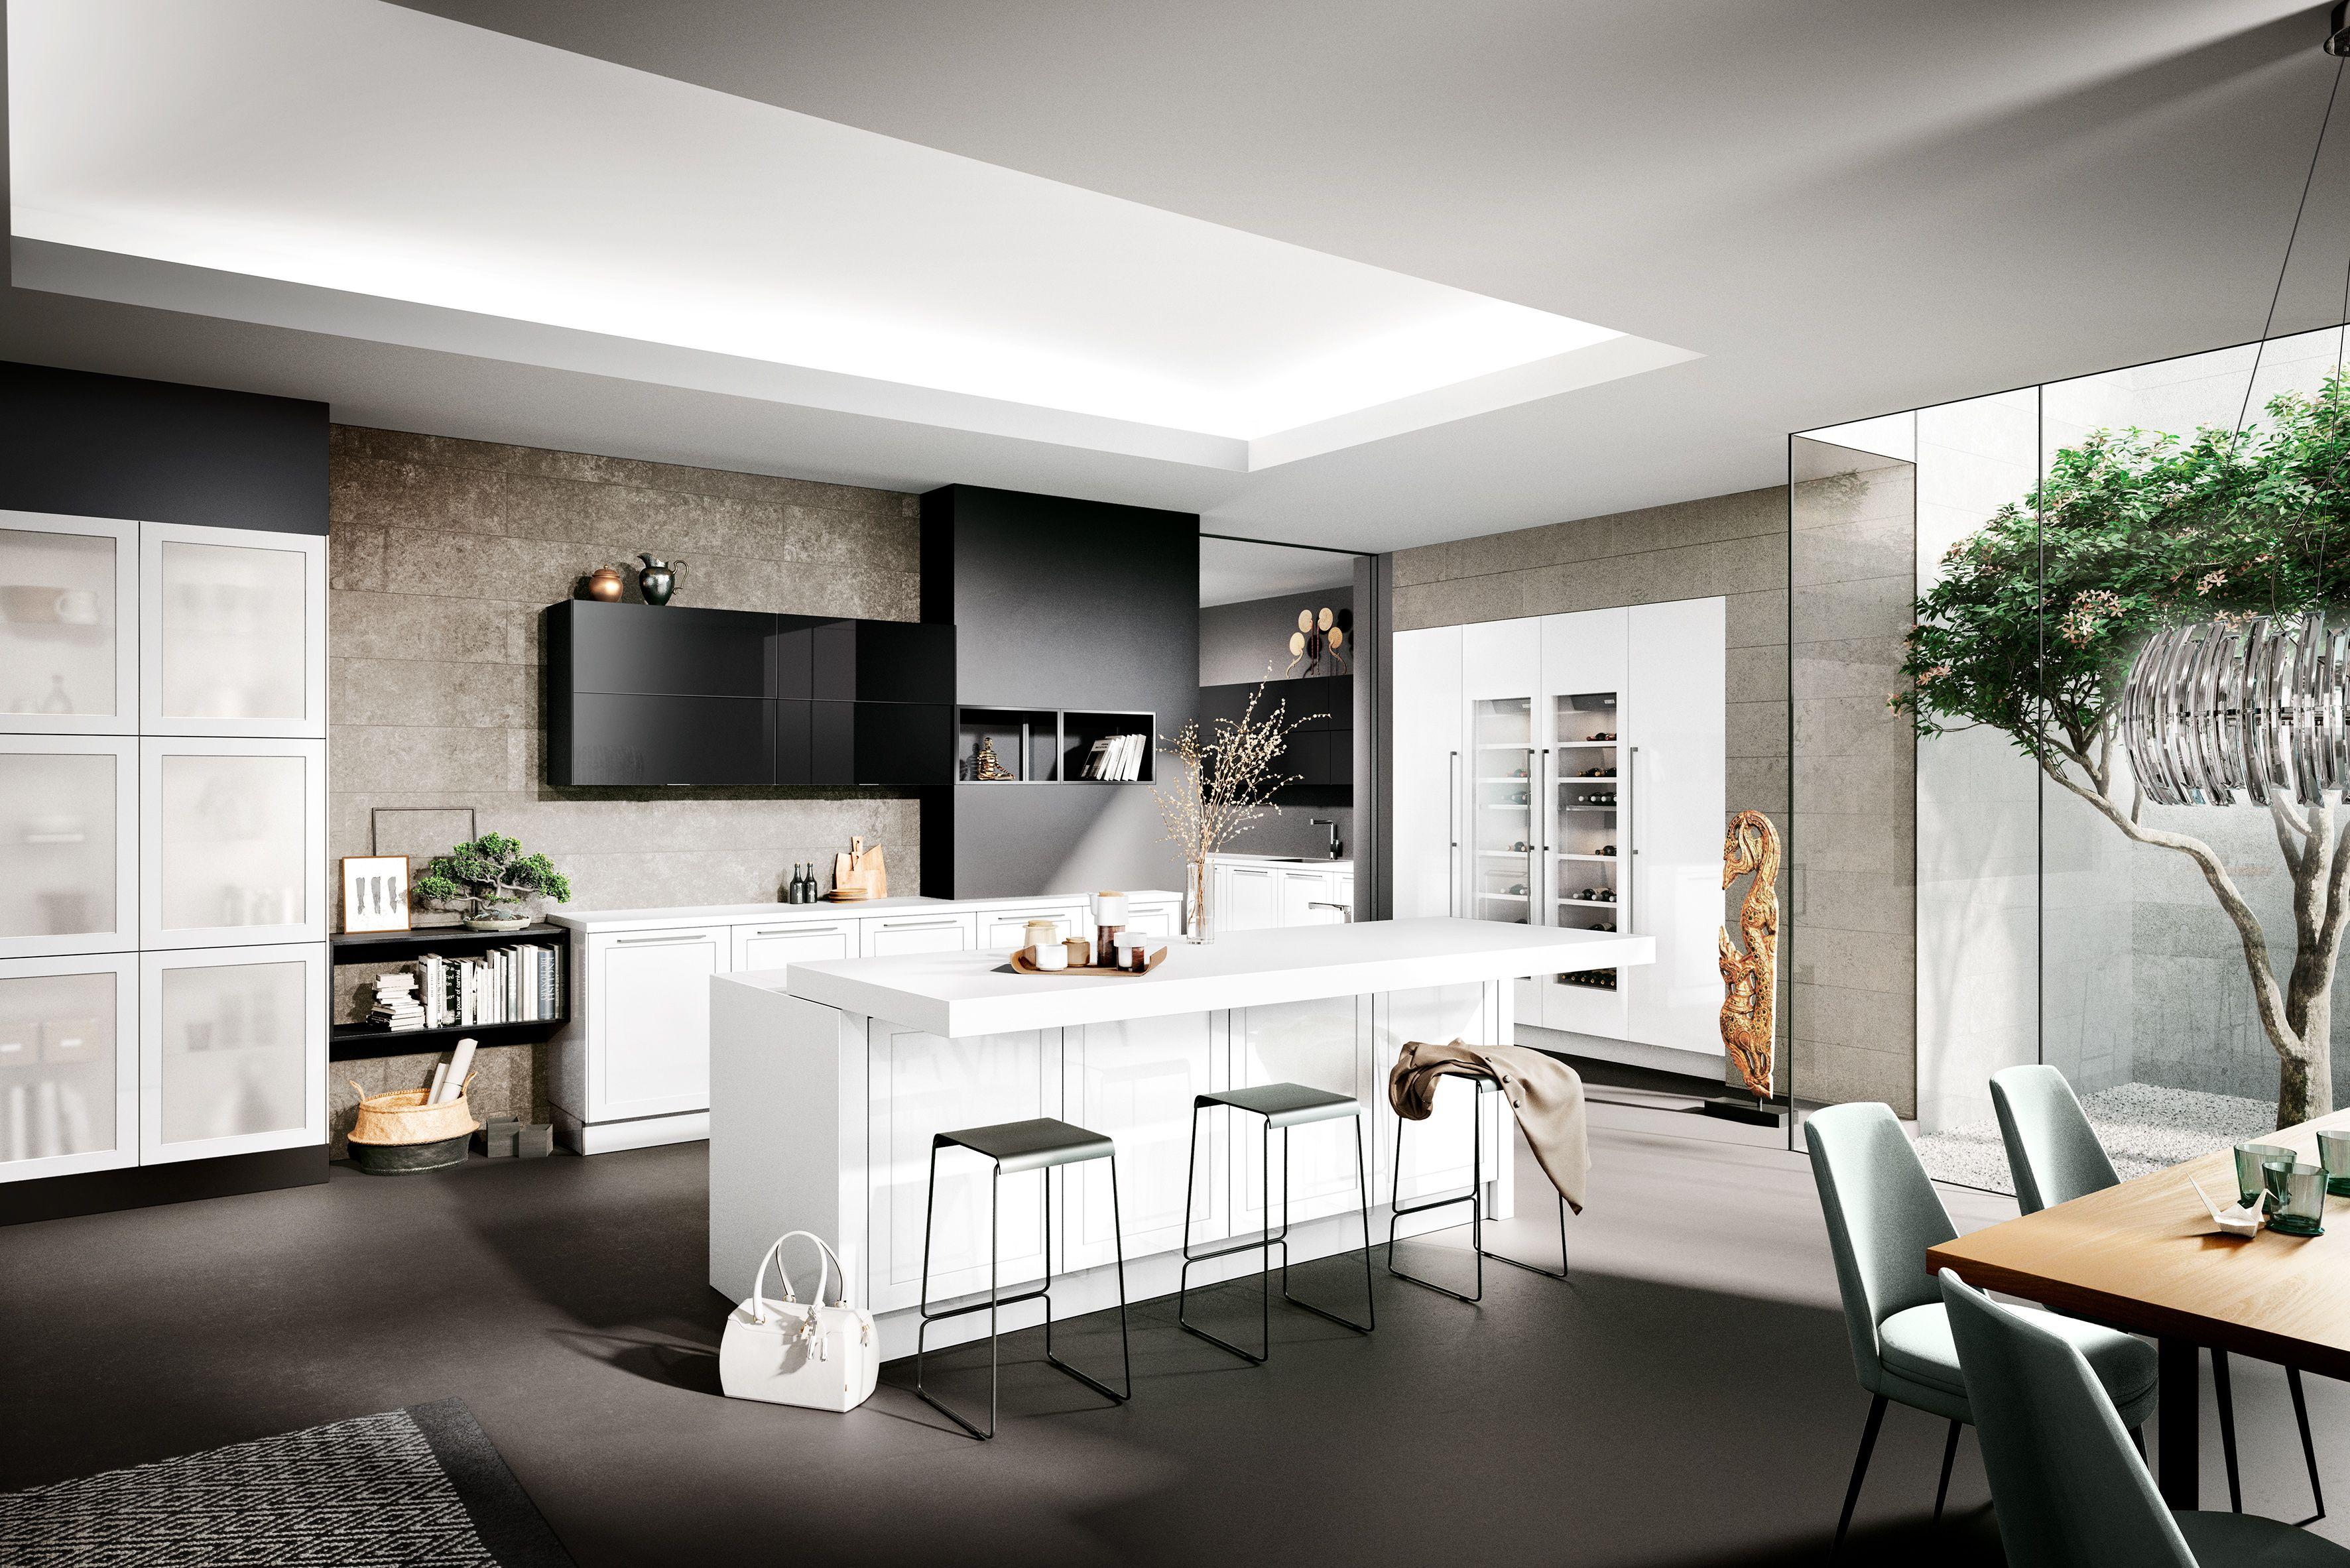 Schön Küche Galerie New London Zeitgenössisch - Küchen Design Ideen ...